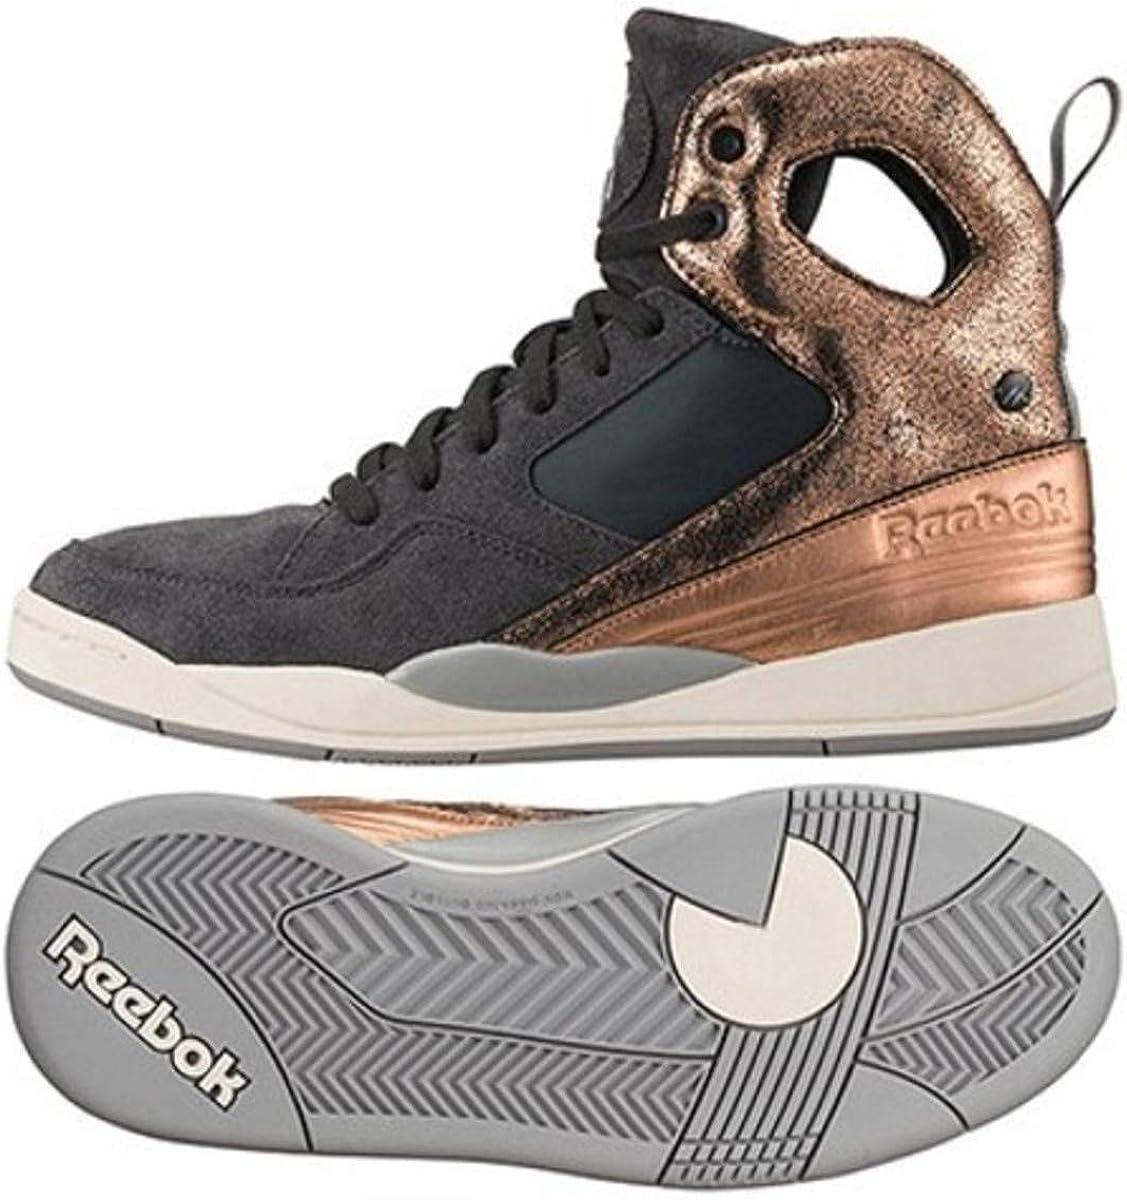 Reebok Women's Sneaker Shoes Alicia